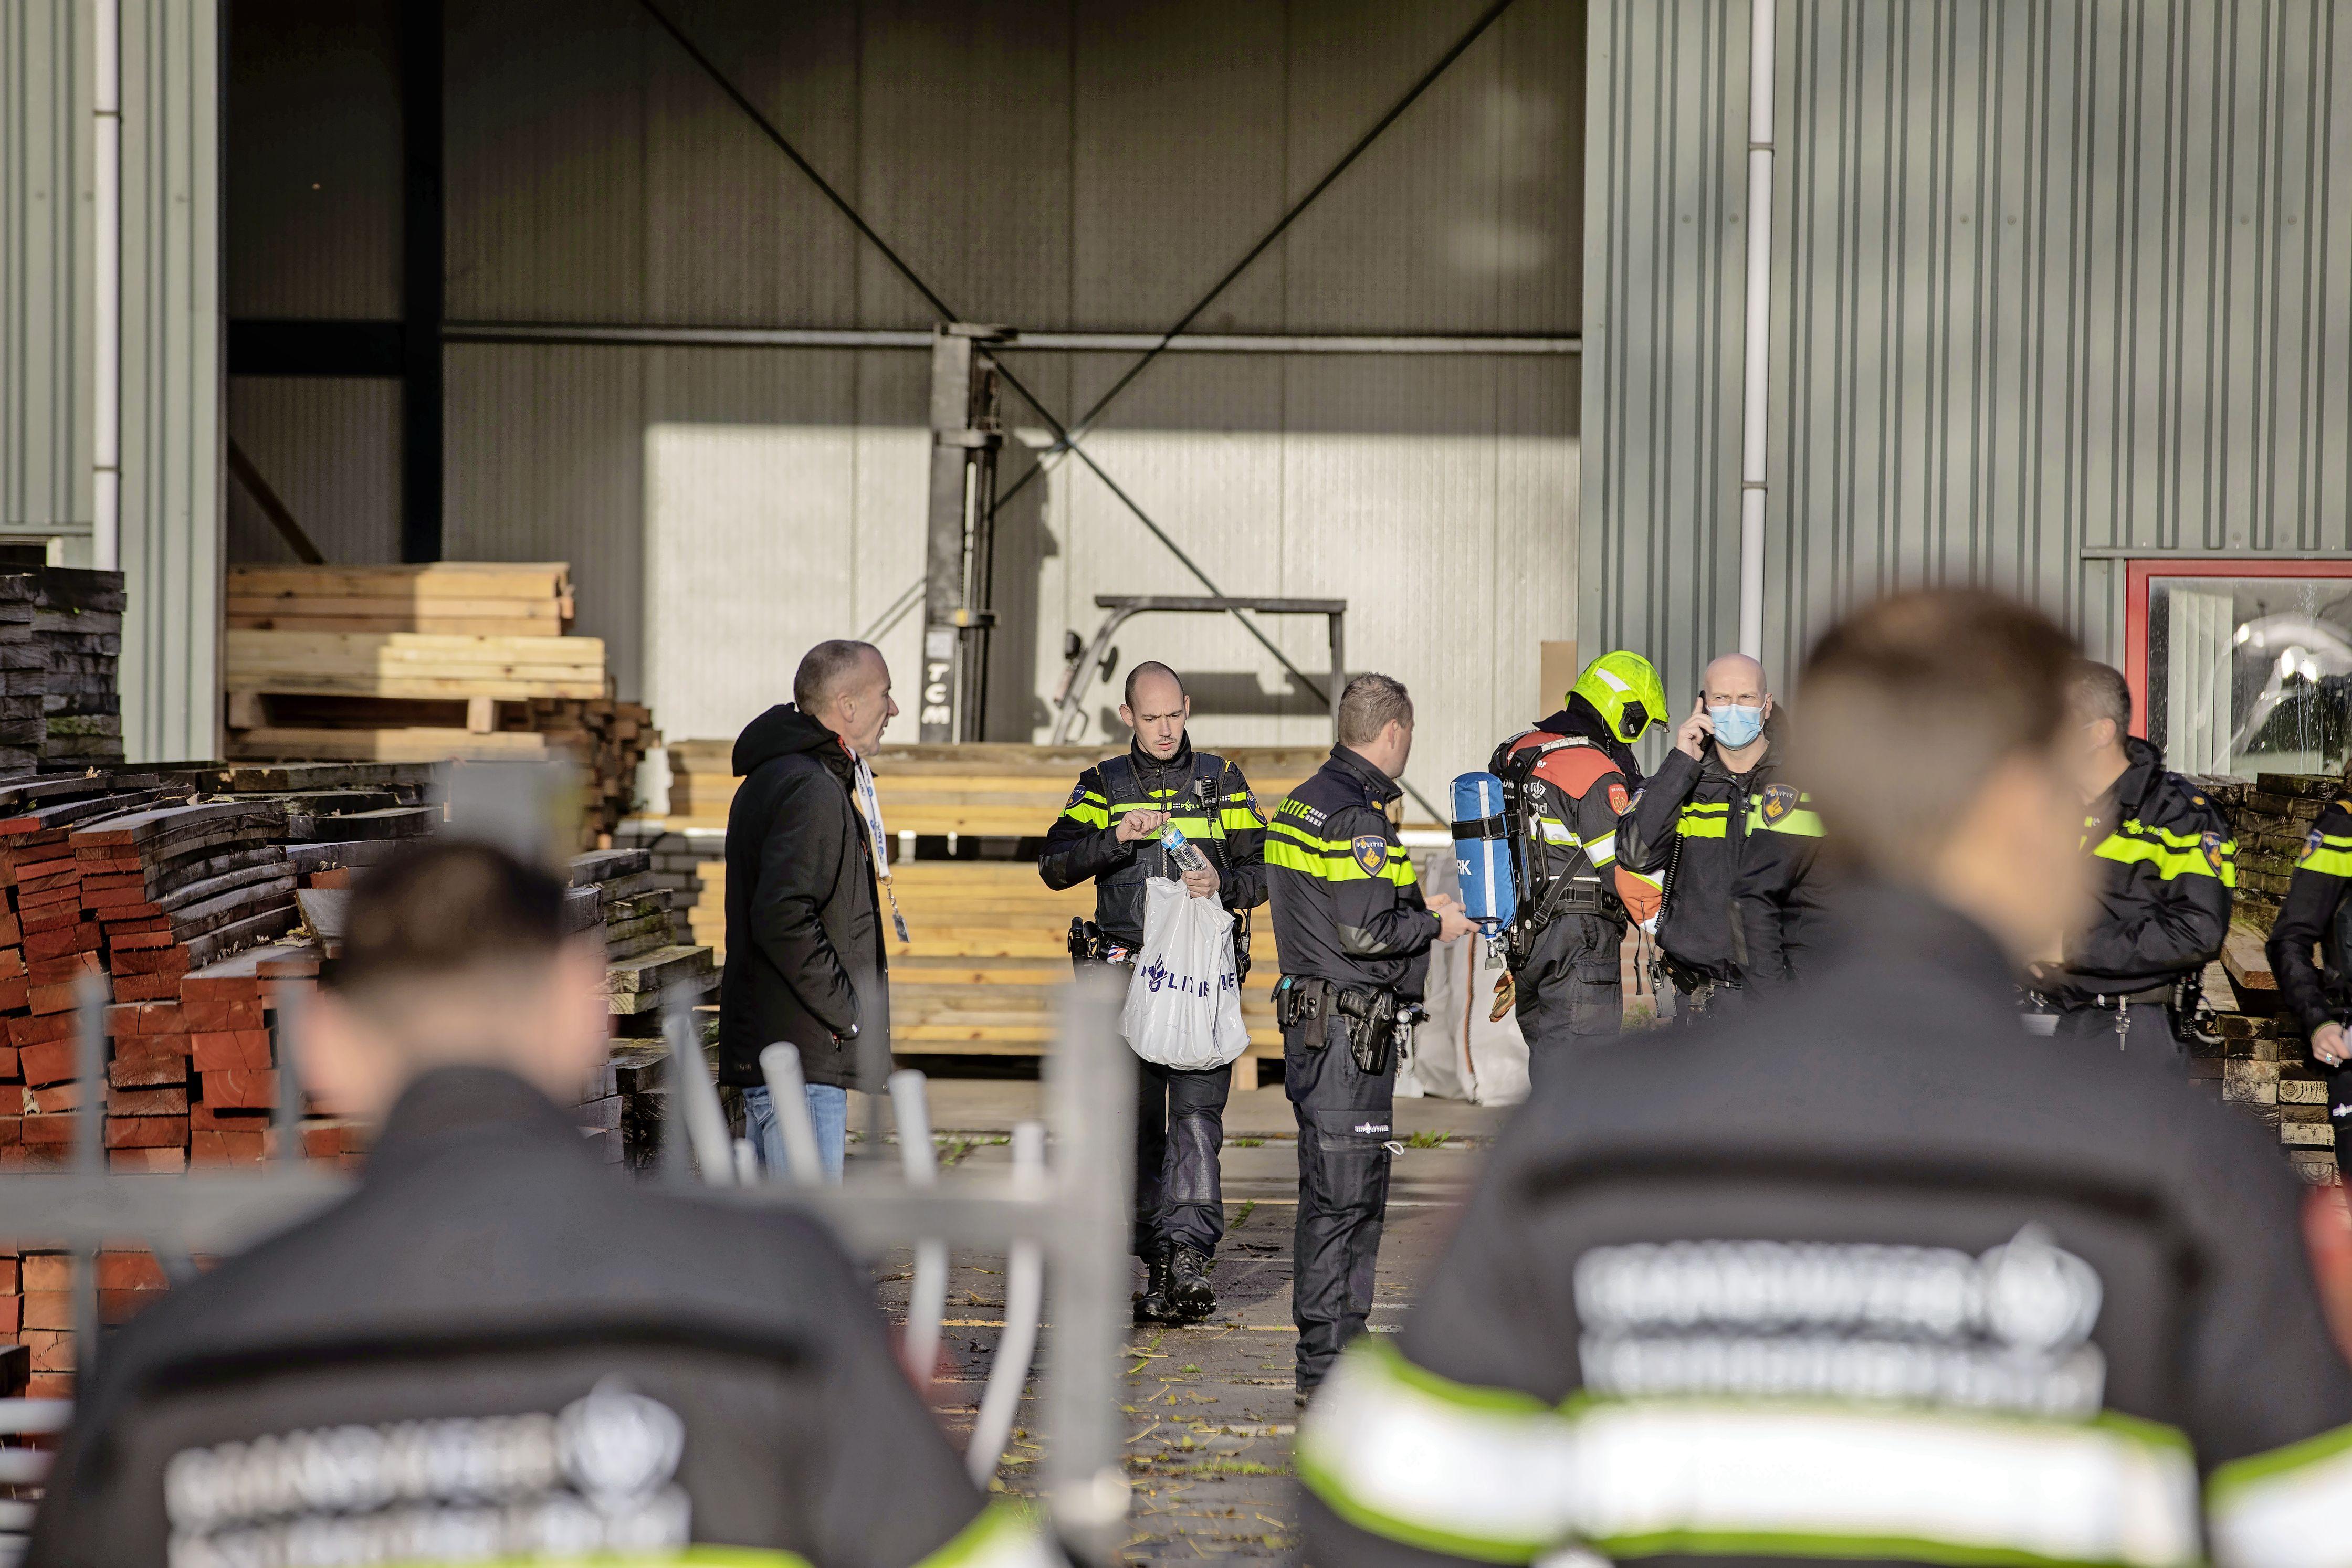 Mannen in Hoofddorpse loods met kilo's coke krijgen gevangenisstraf: 'Ongeloofwaardig dat ze niks met de drugs te maken hadden en niet op de hoogte waren'